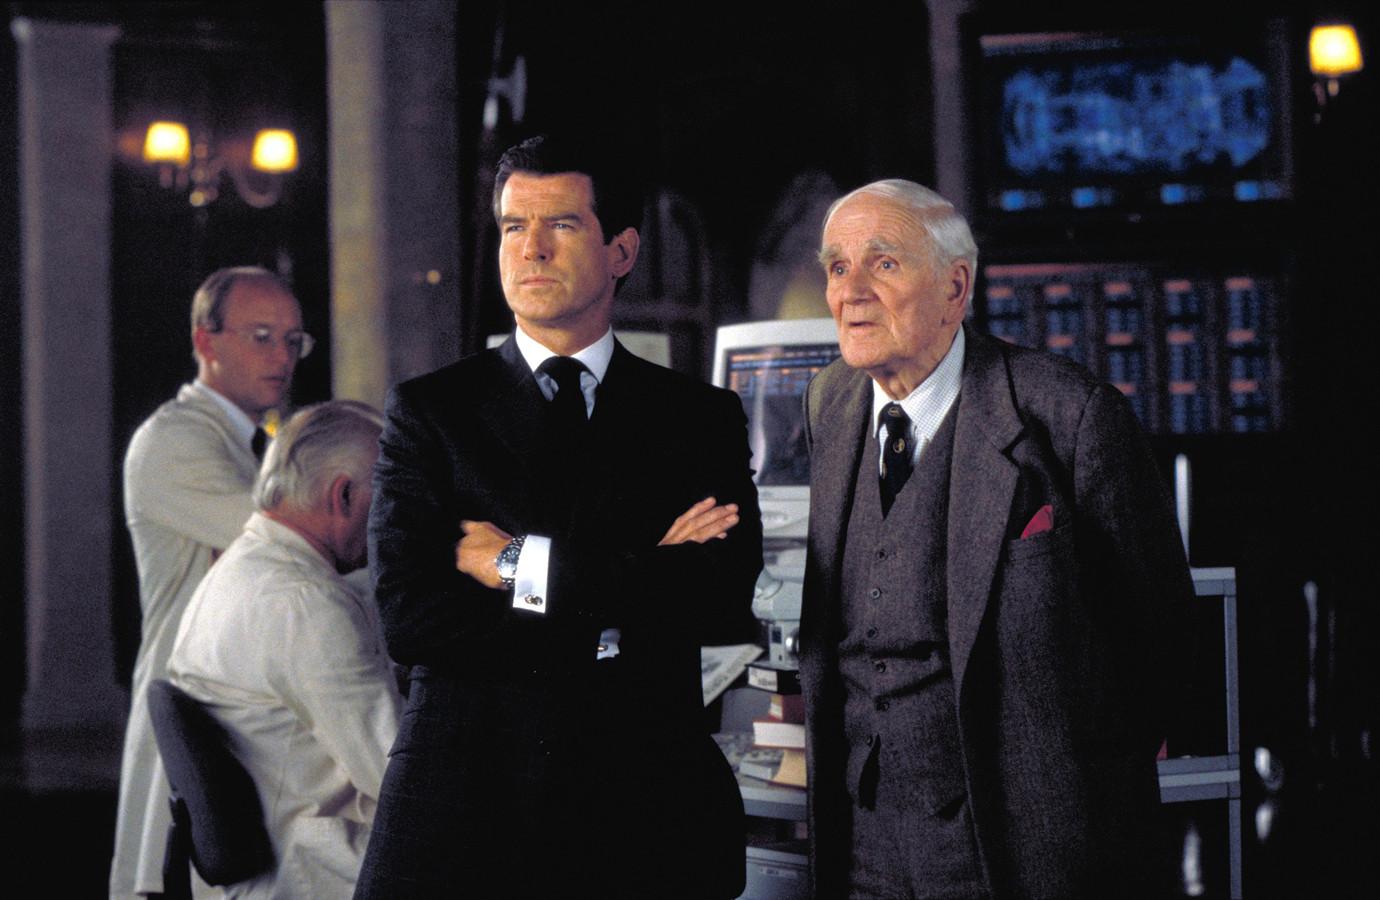 Desmond Llewelyn (rechts) speelde de rol van Q onder meer in 'The World is Not Enough', met Pierce Brosnan als James Bond.